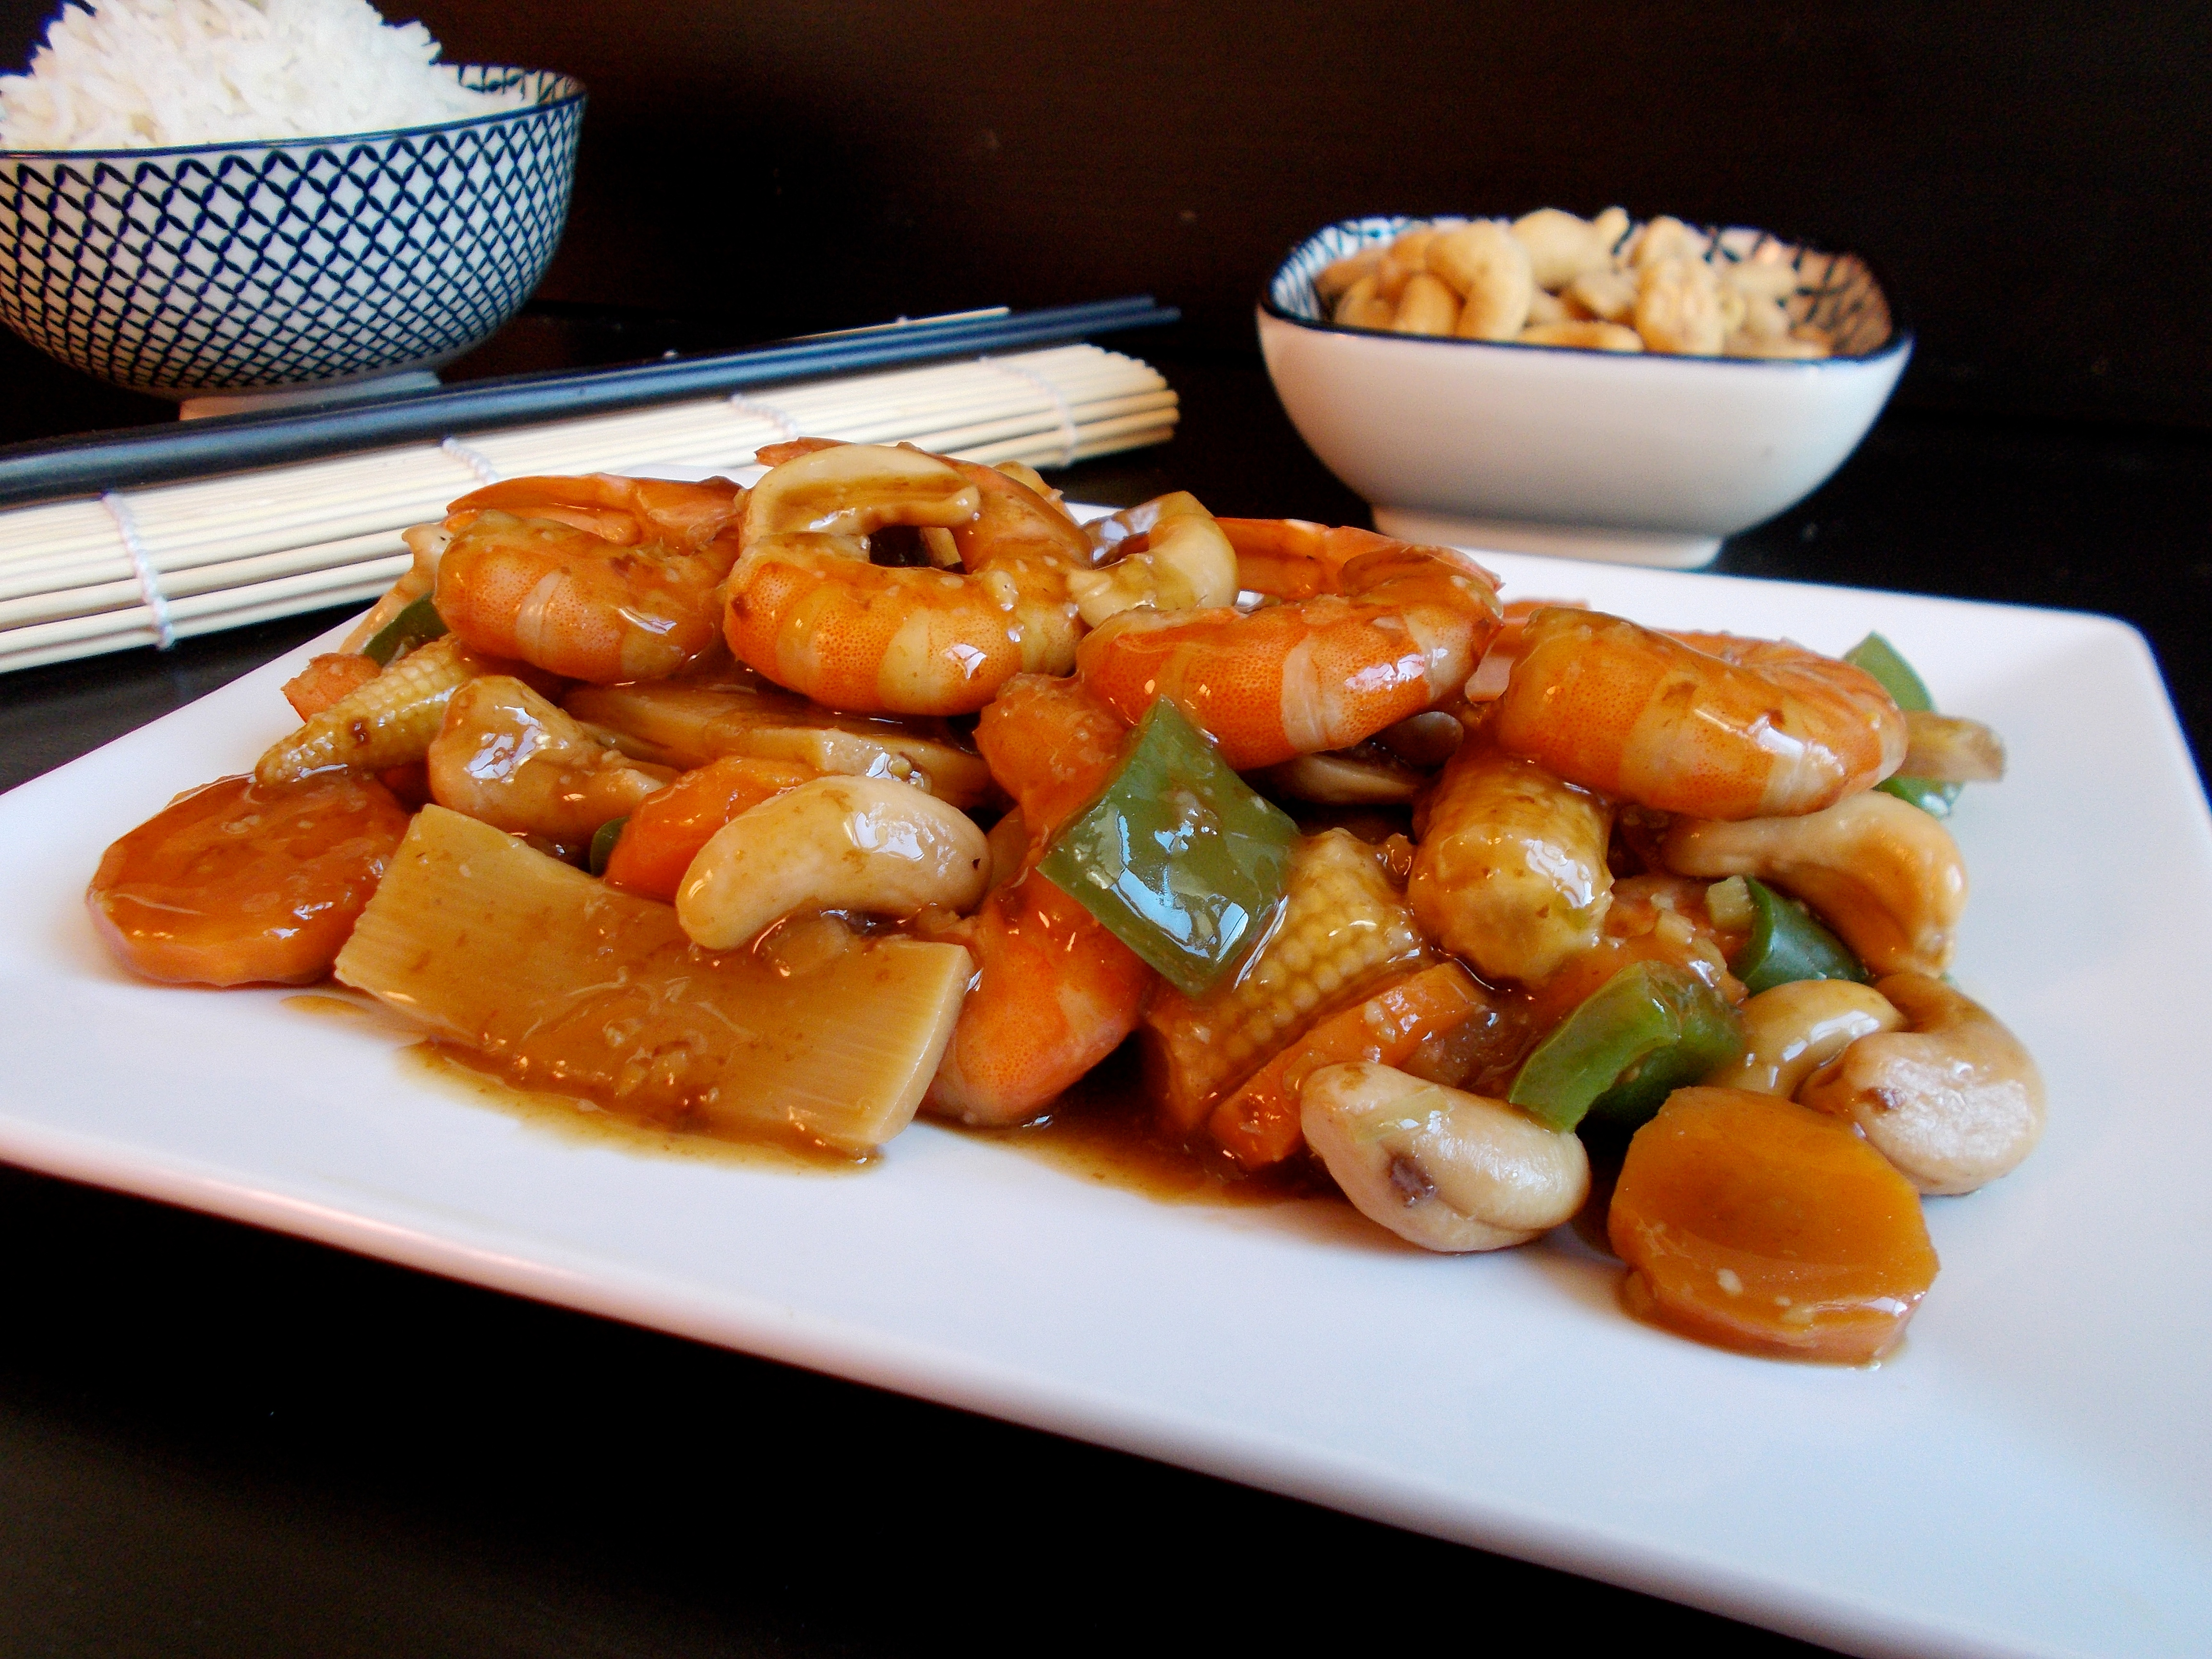 Crevettes aux noix de cajou